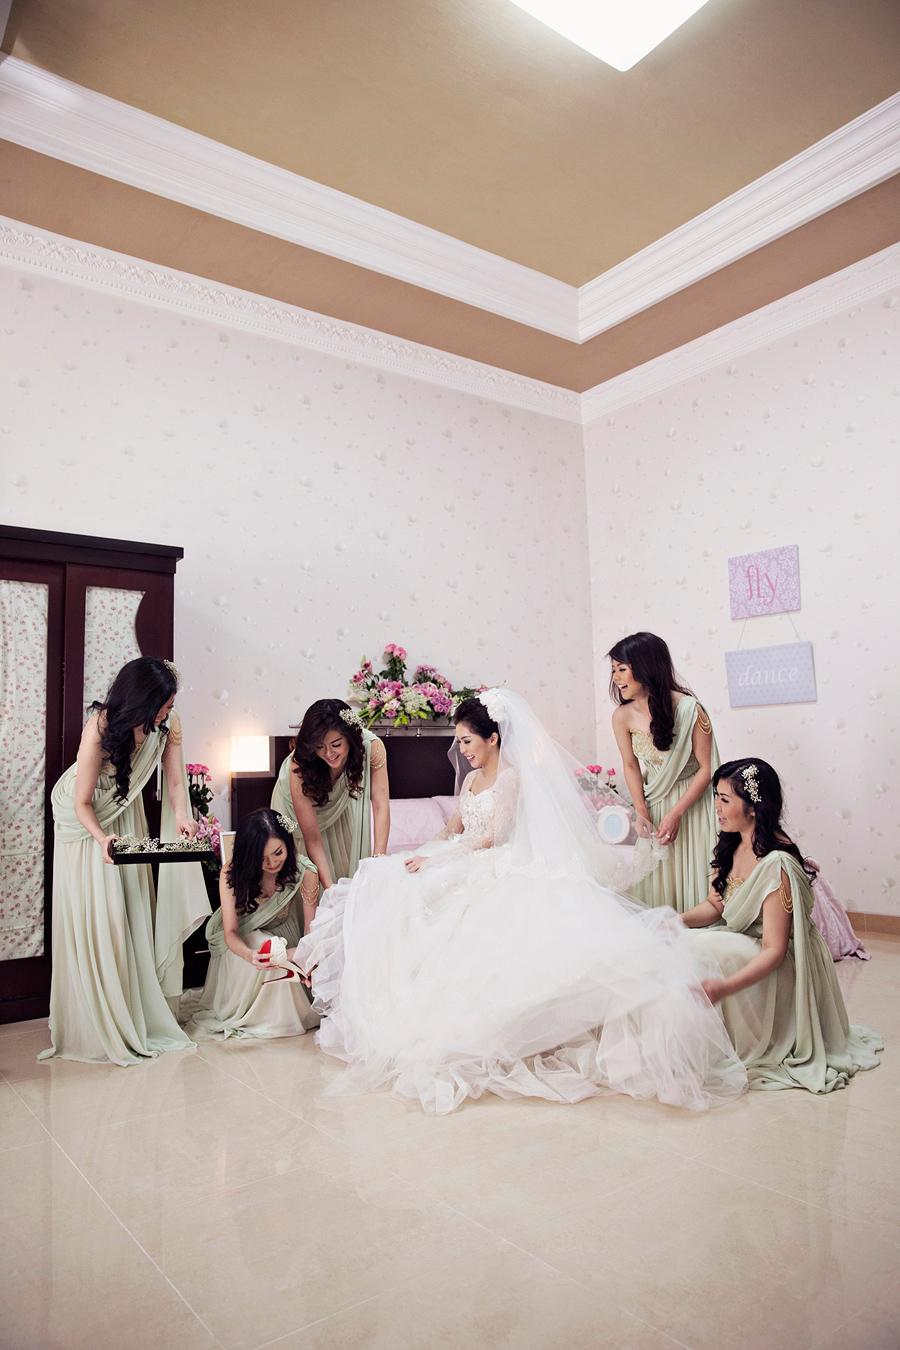 axioo-rocky-merlin-wedding-surabaya-17